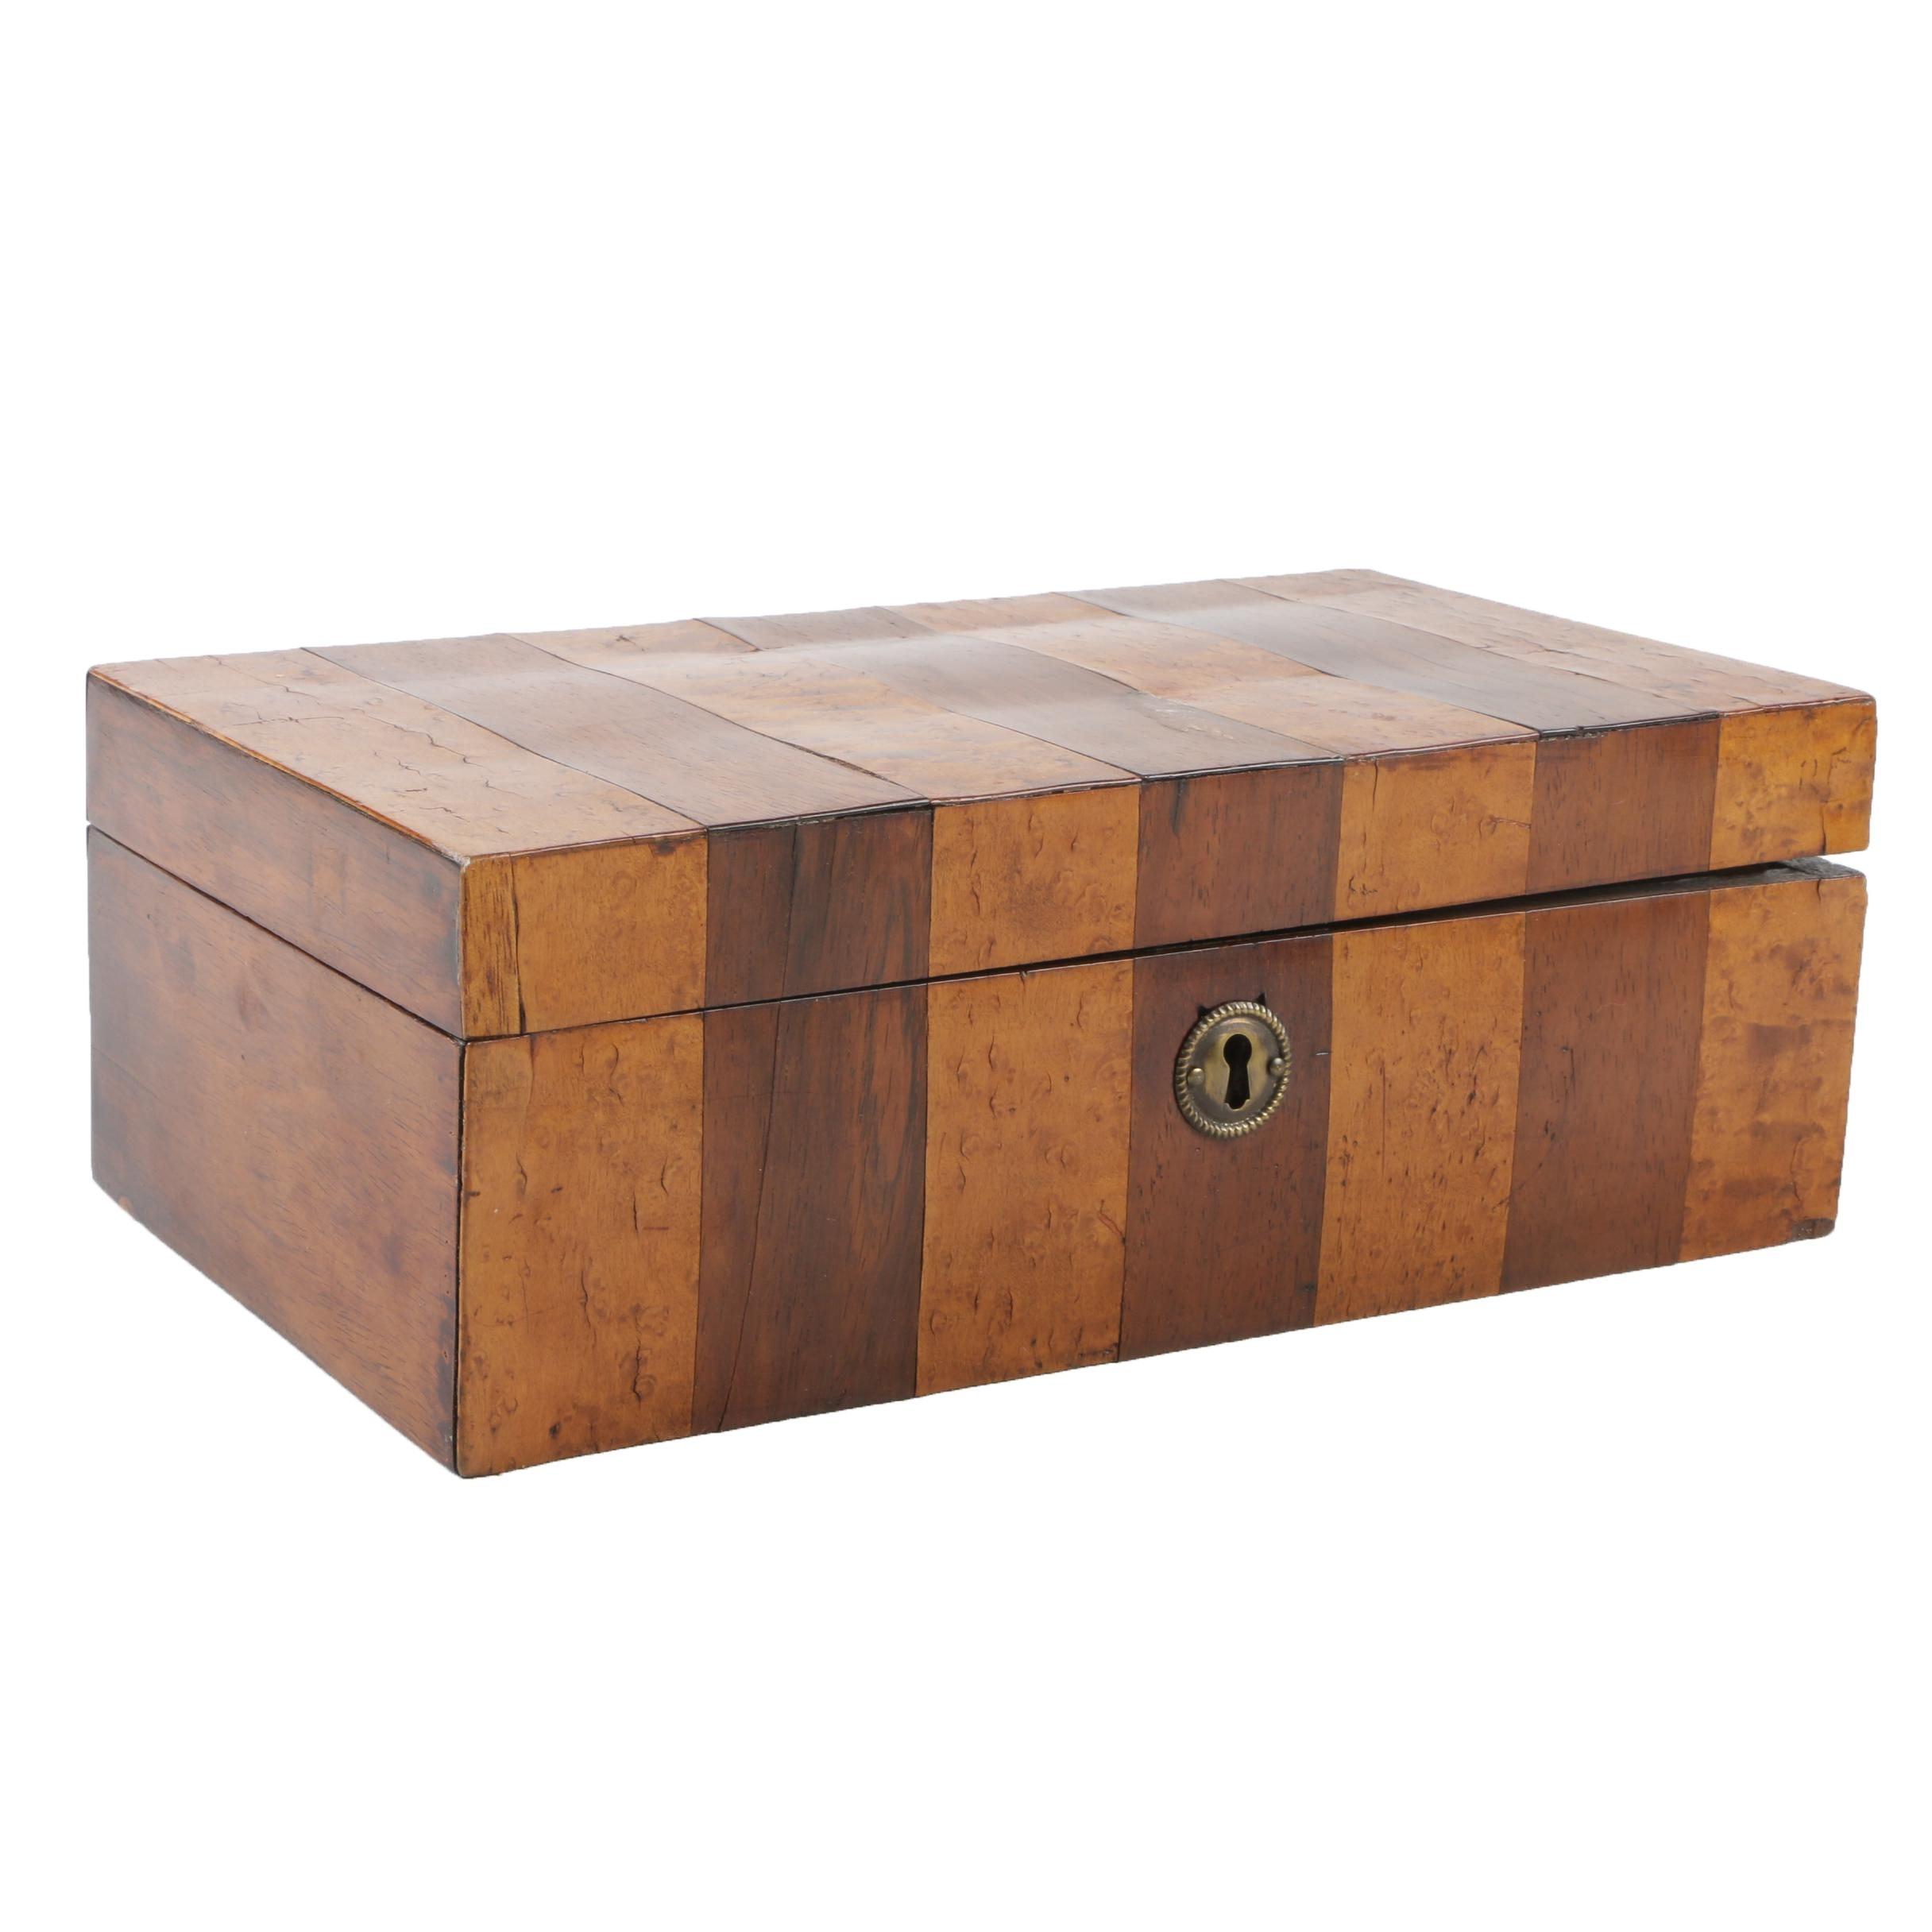 Mahogany and Burl Wood Jewelry Box, Early 20th Century